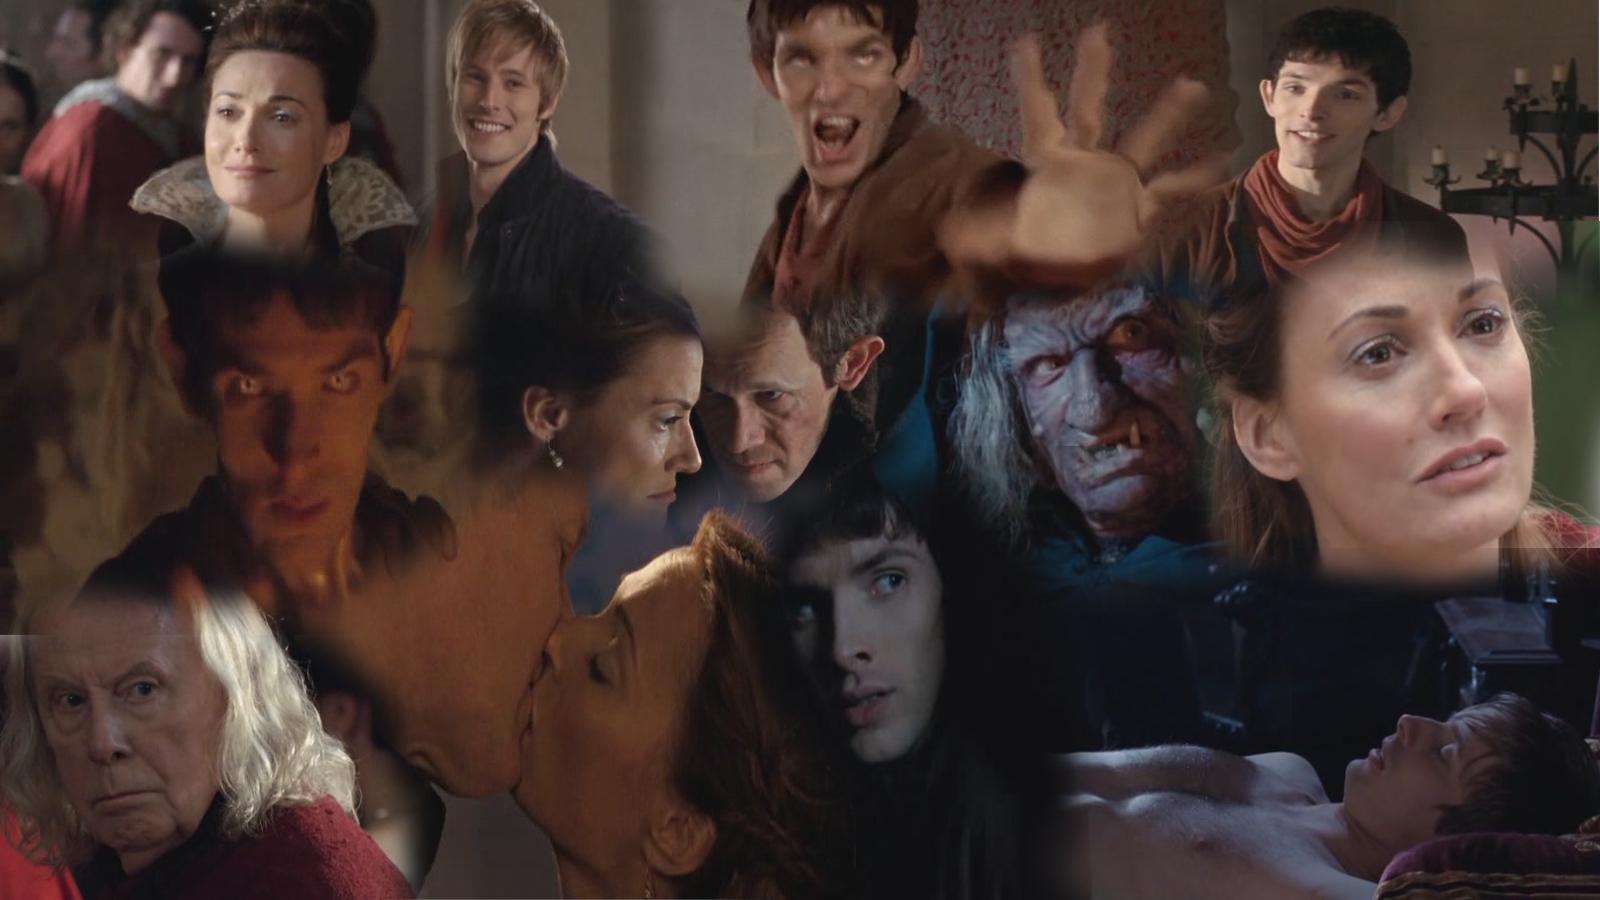 Merlin Season 2 Episode 5 Wallpaper - Merlin Characters